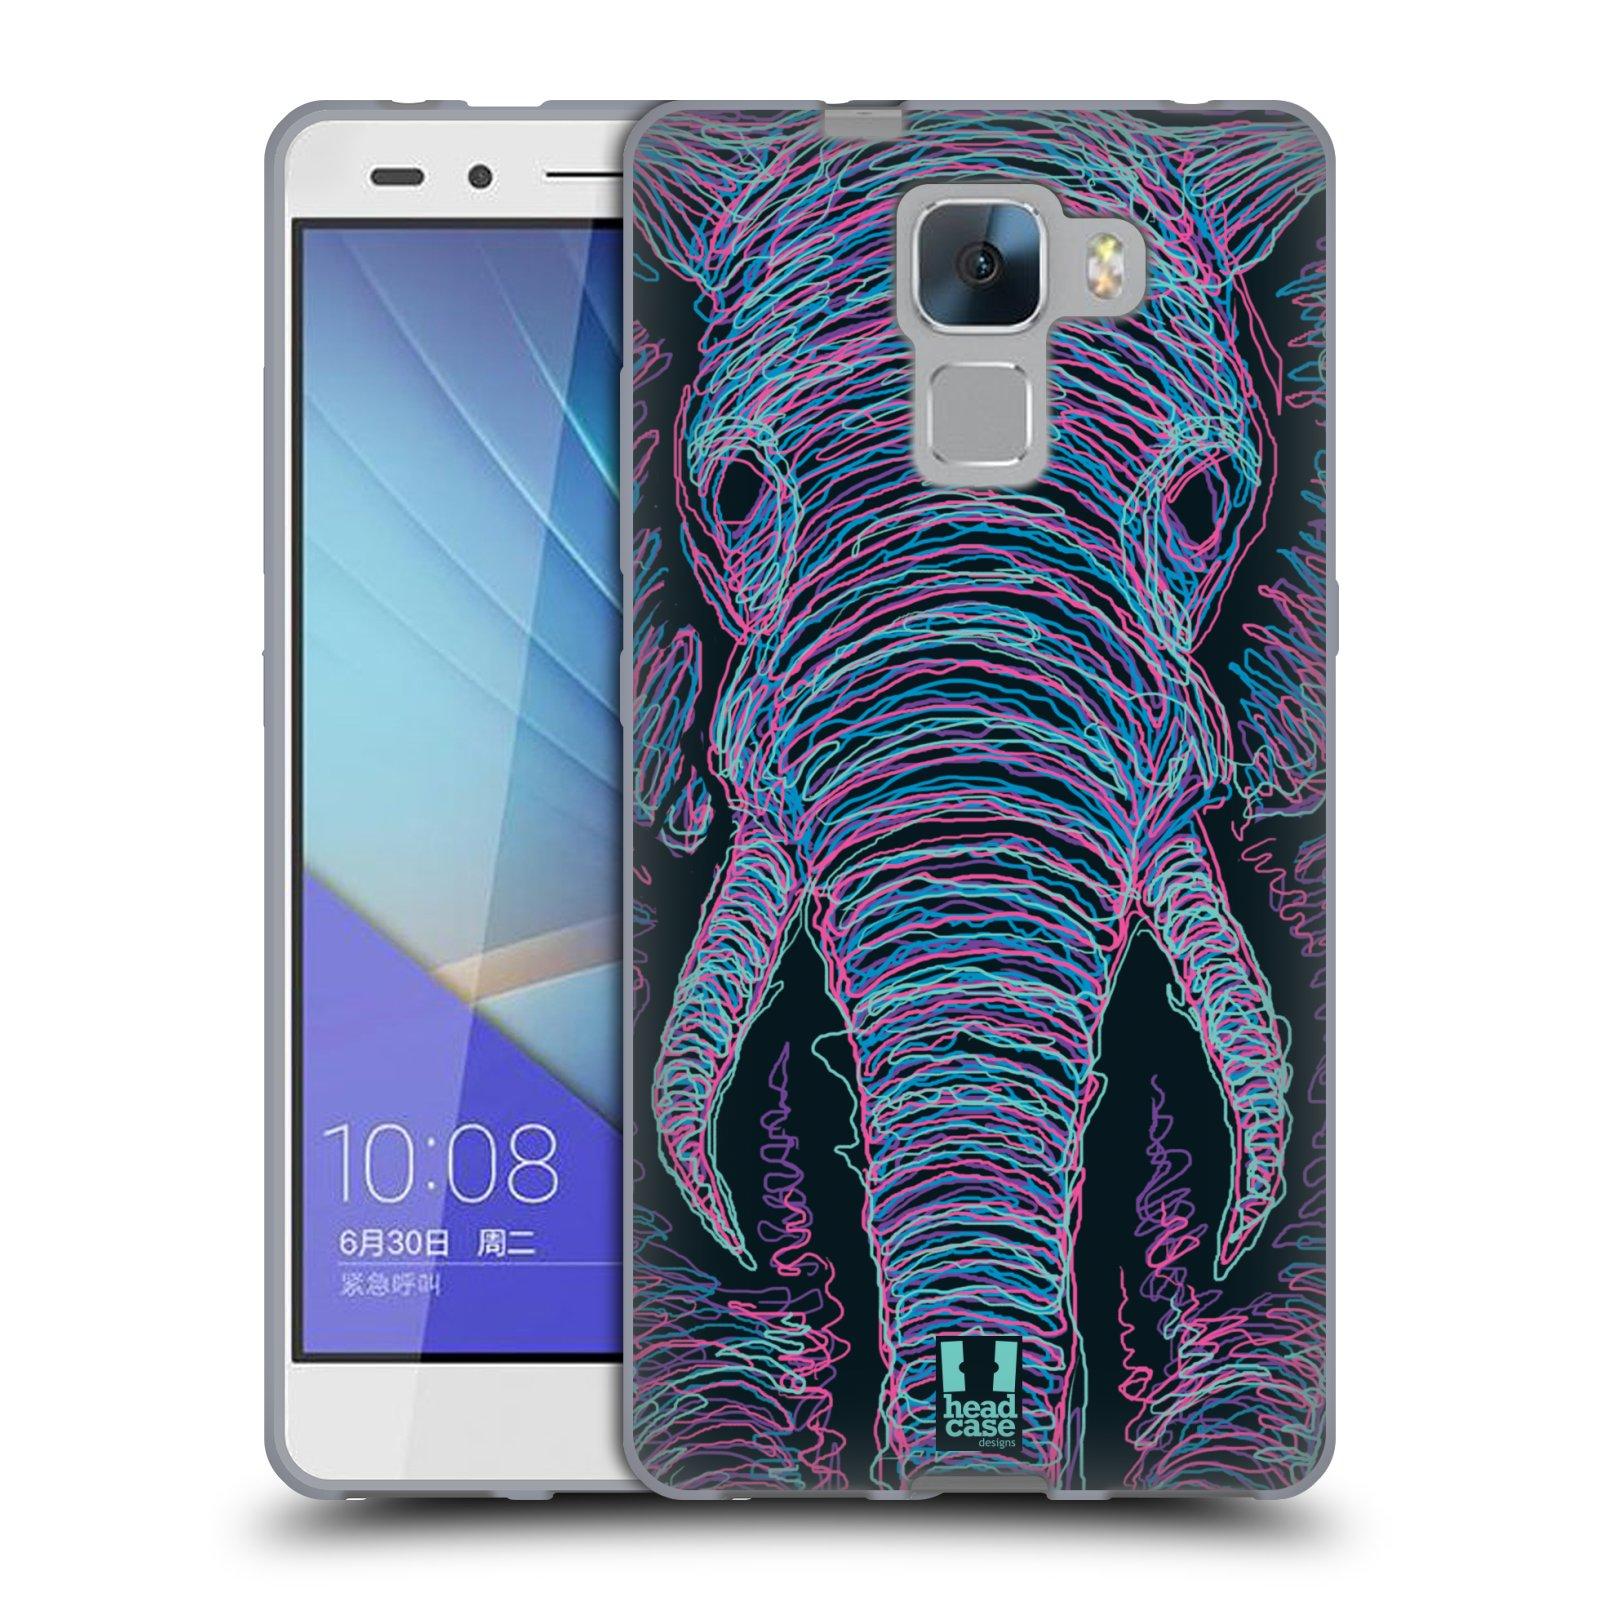 HEAD CASE silikonový obal na mobil HUAWEI HONOR 7 vzor zvíře čmáranice slon